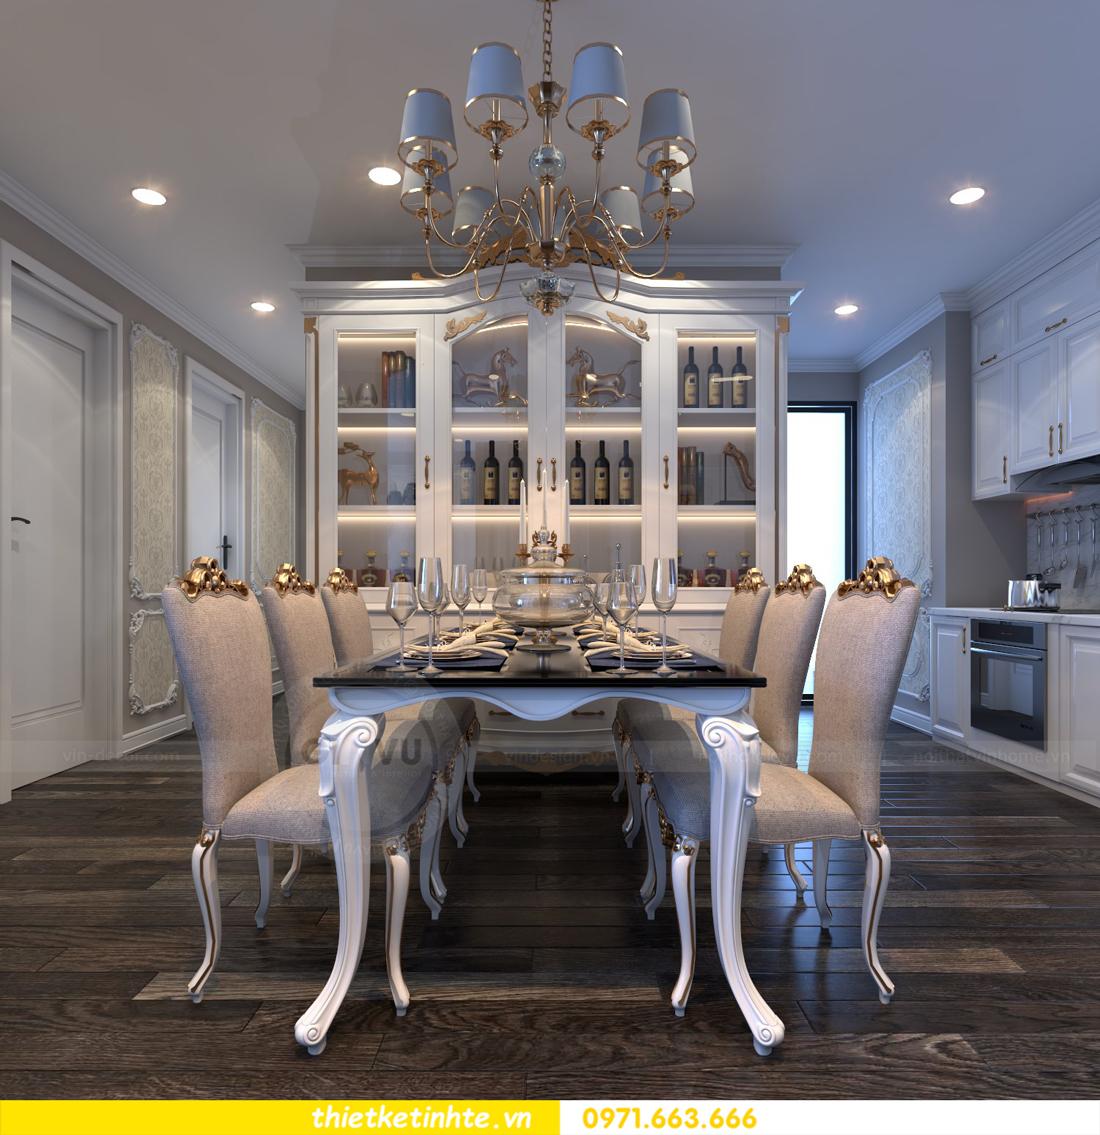 thiết kế nội thất chung cư Vinhomes Gardenia tòa A2 căn 06 chị Nụ 03